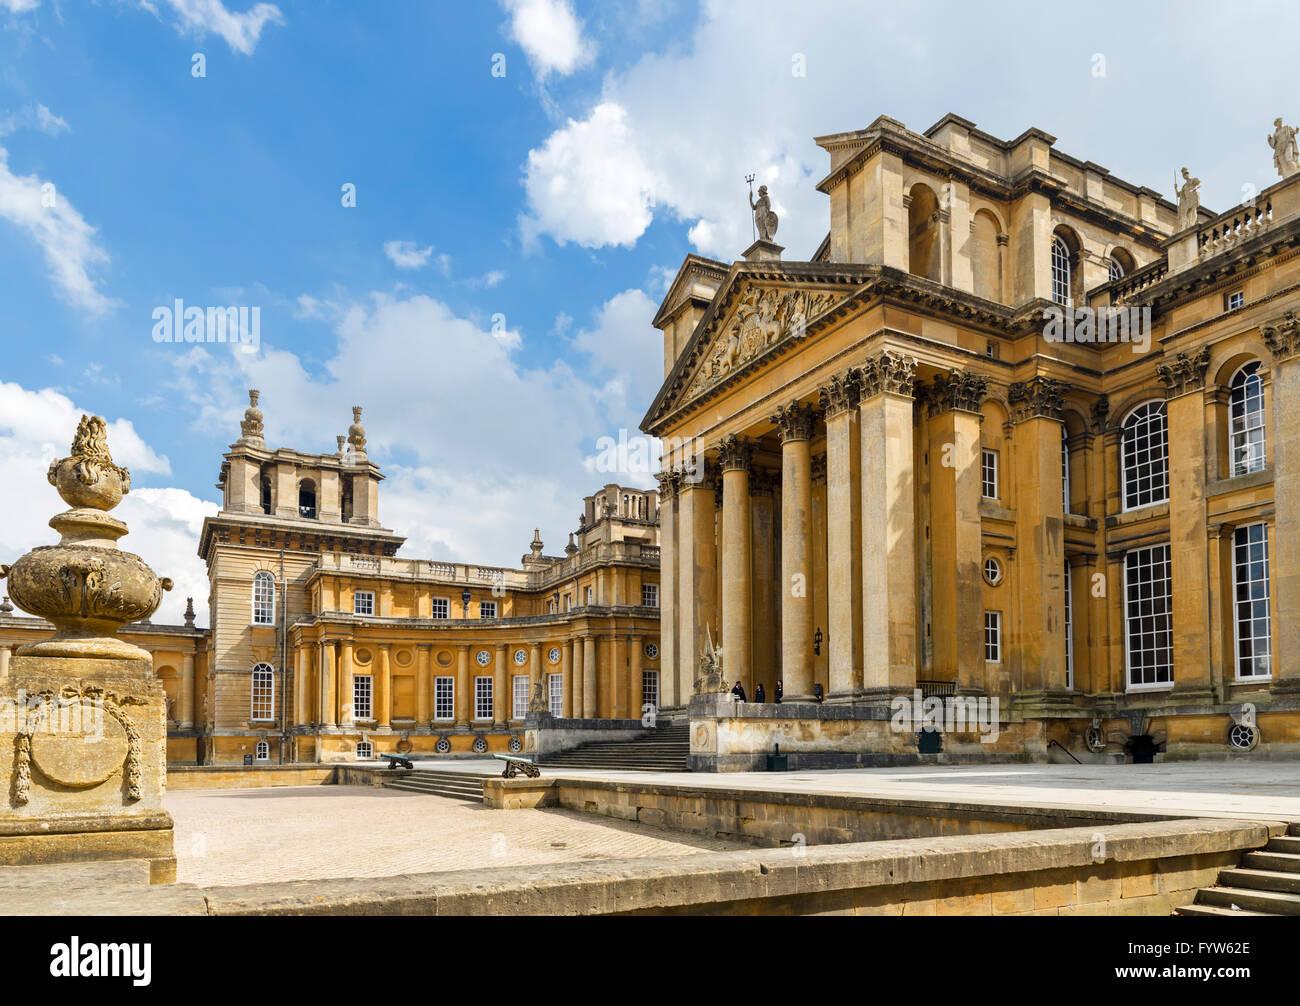 El Palacio de Blenheim, asiento de los Duques de Marlborough y el lugar de nacimiento de Sir Winston Churchill, Imagen De Stock